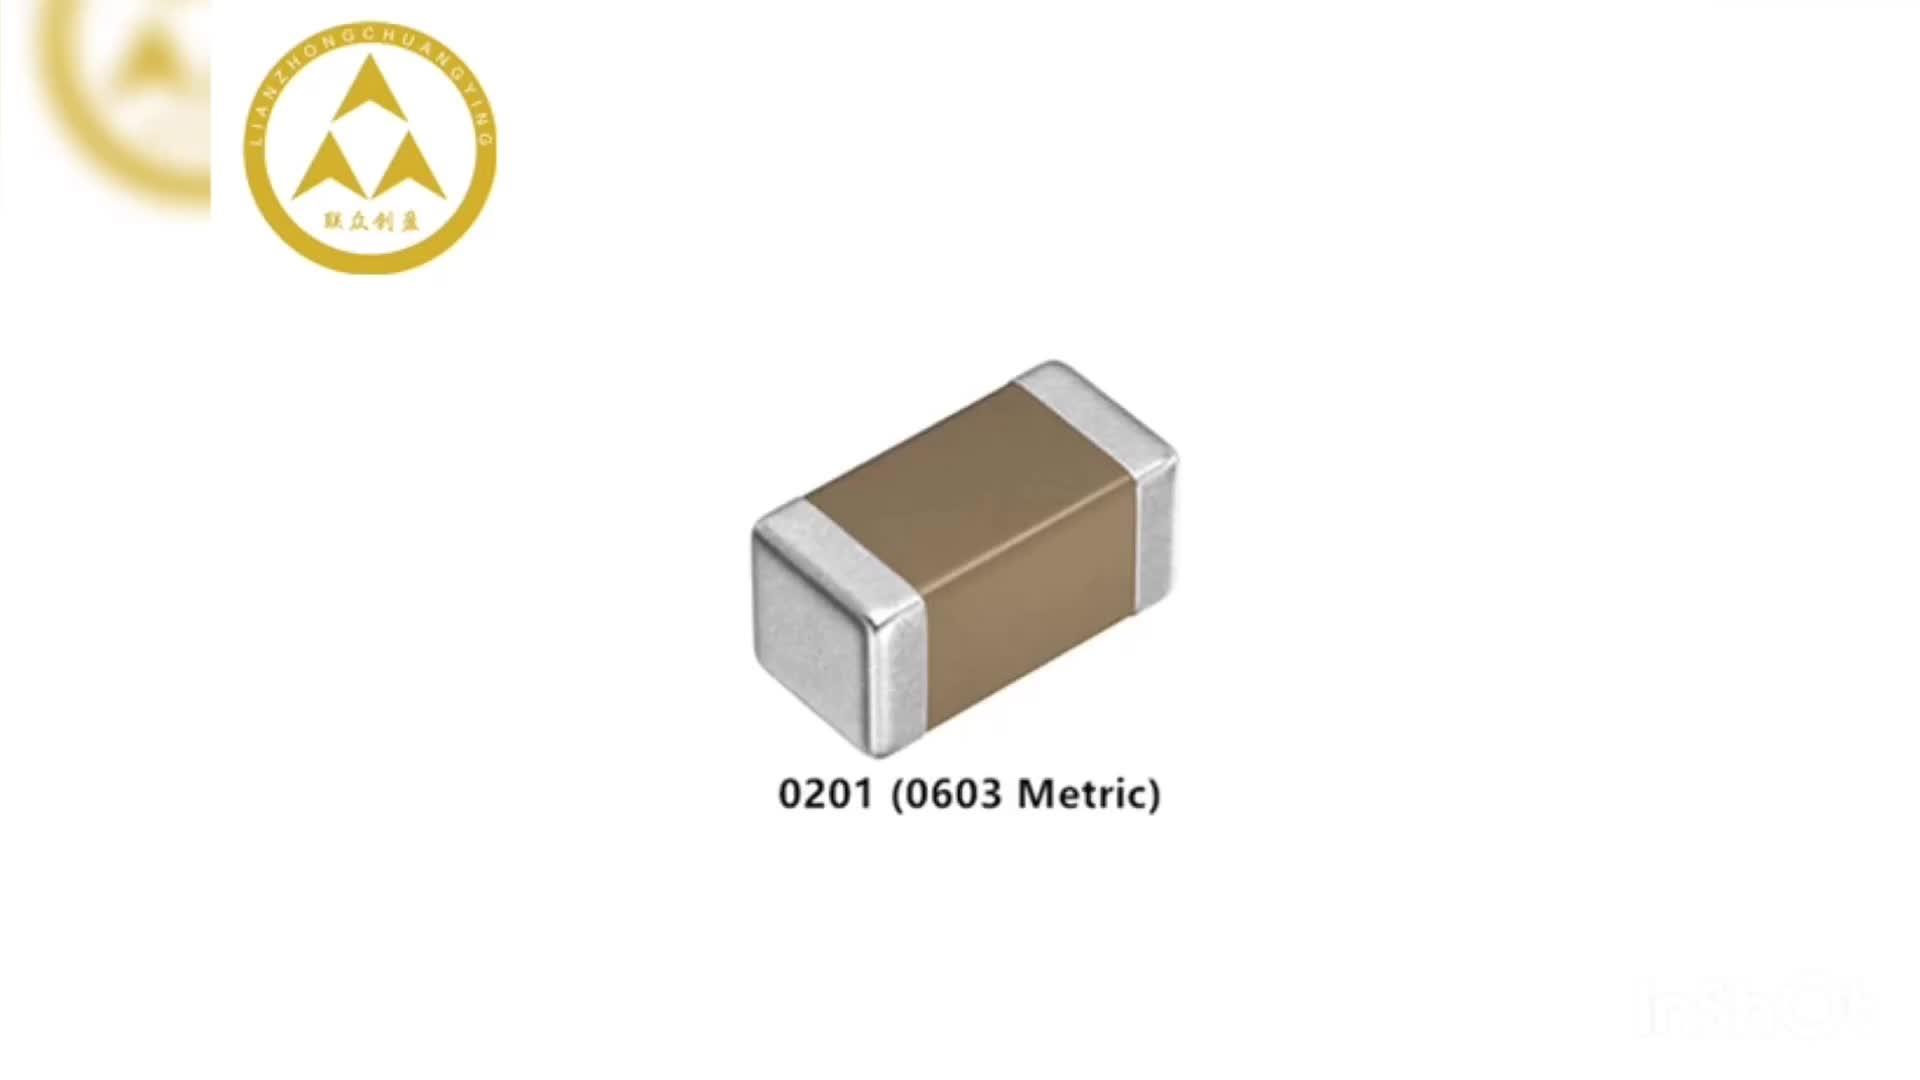 (เซรามิก) ตัวเก็บประจุชิป 1uF 105K 50V X7R 10% 1206 MLCC CL31B105KBHNNNE SMD Capacitor